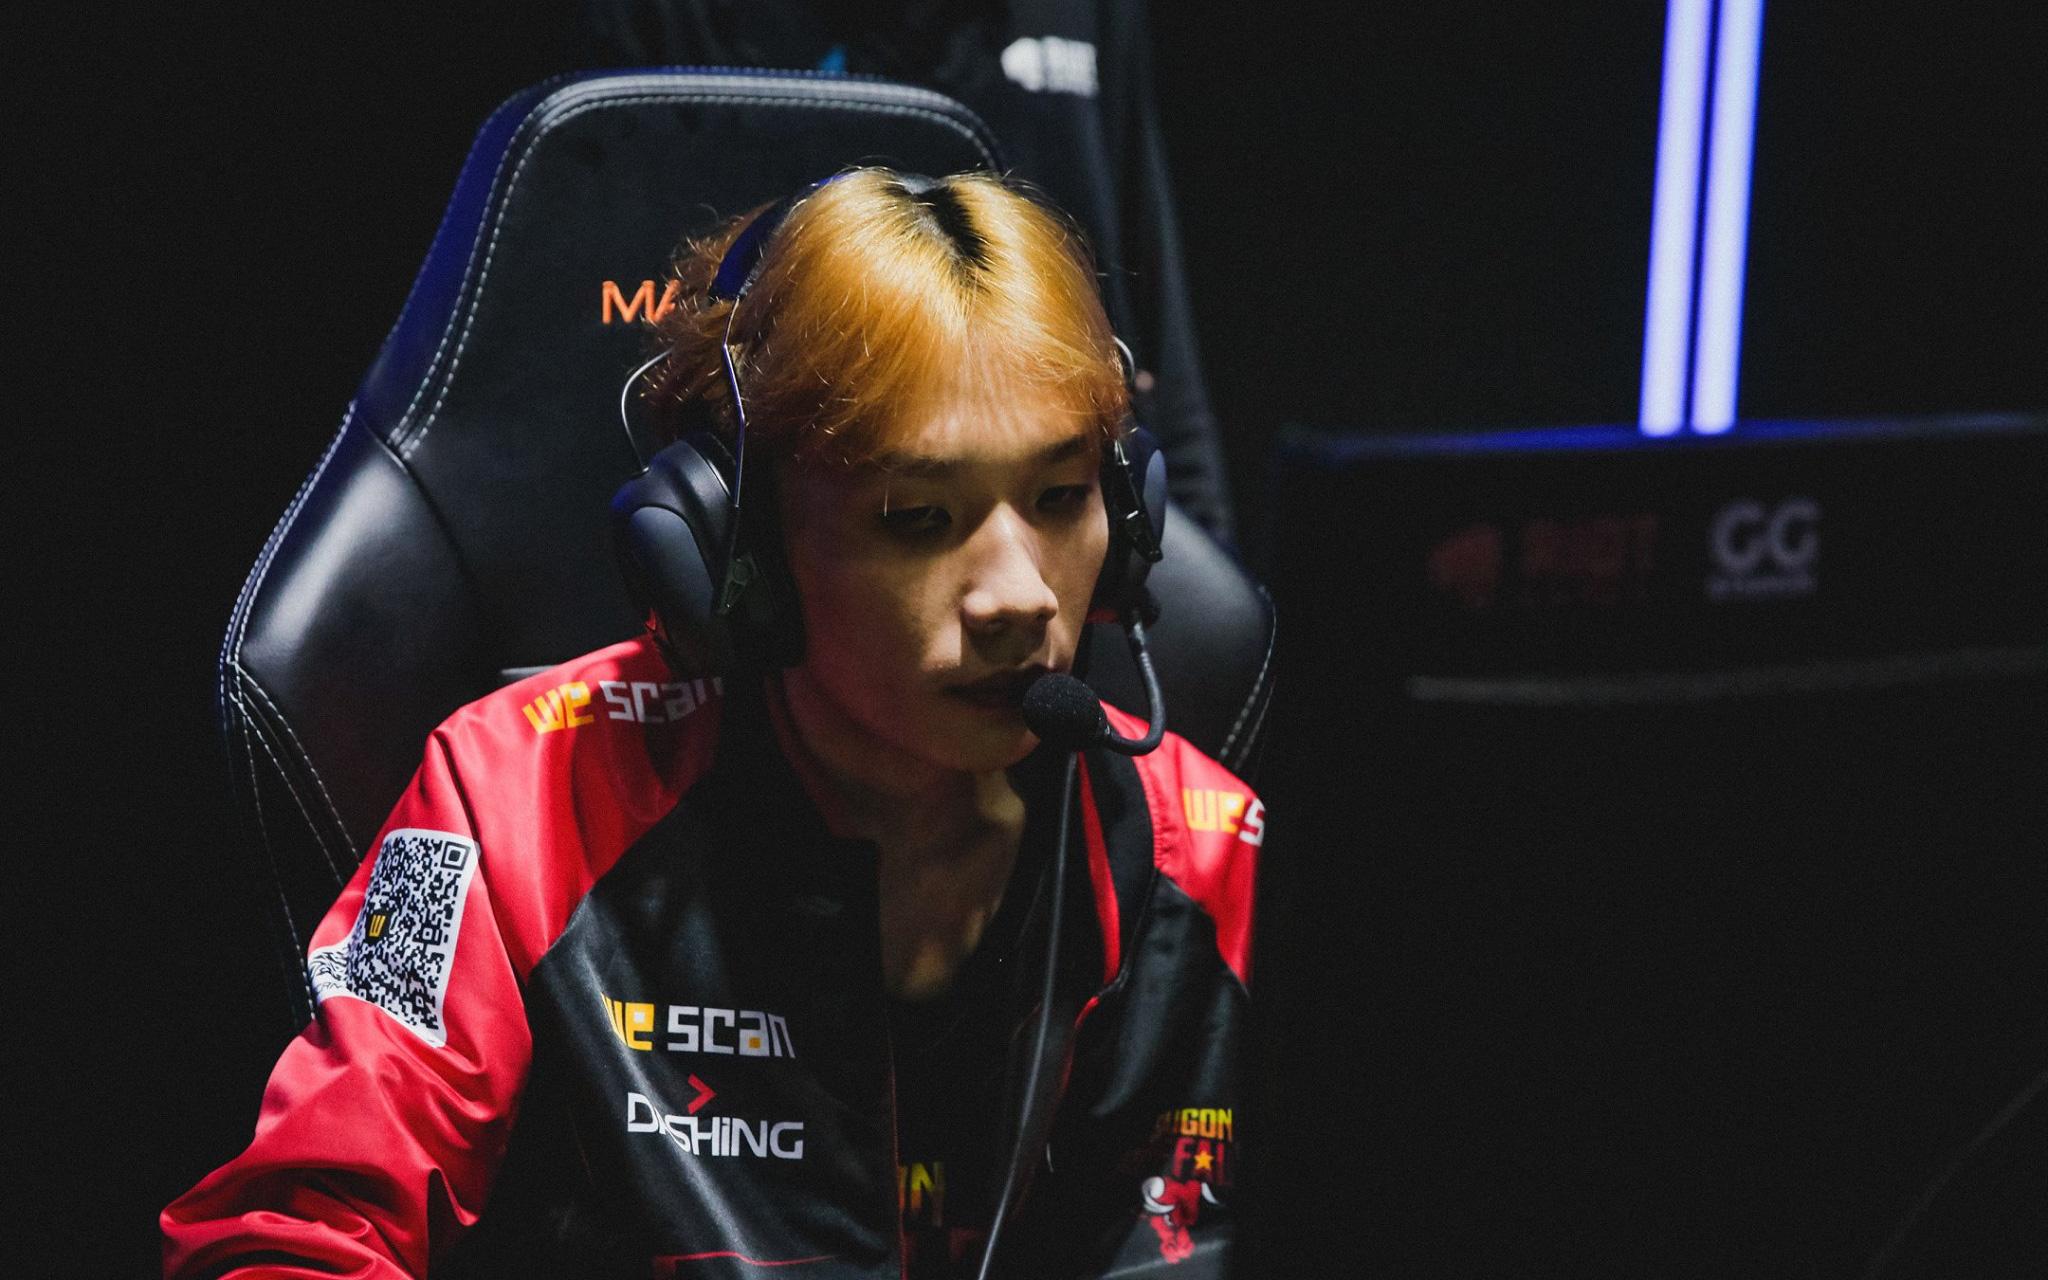 Thua CERBERUS Esports, kịch bản nào để Saigon Buffalo giành tấm vé cuối cùng tới playoffs VCS mùa Hè 2020?